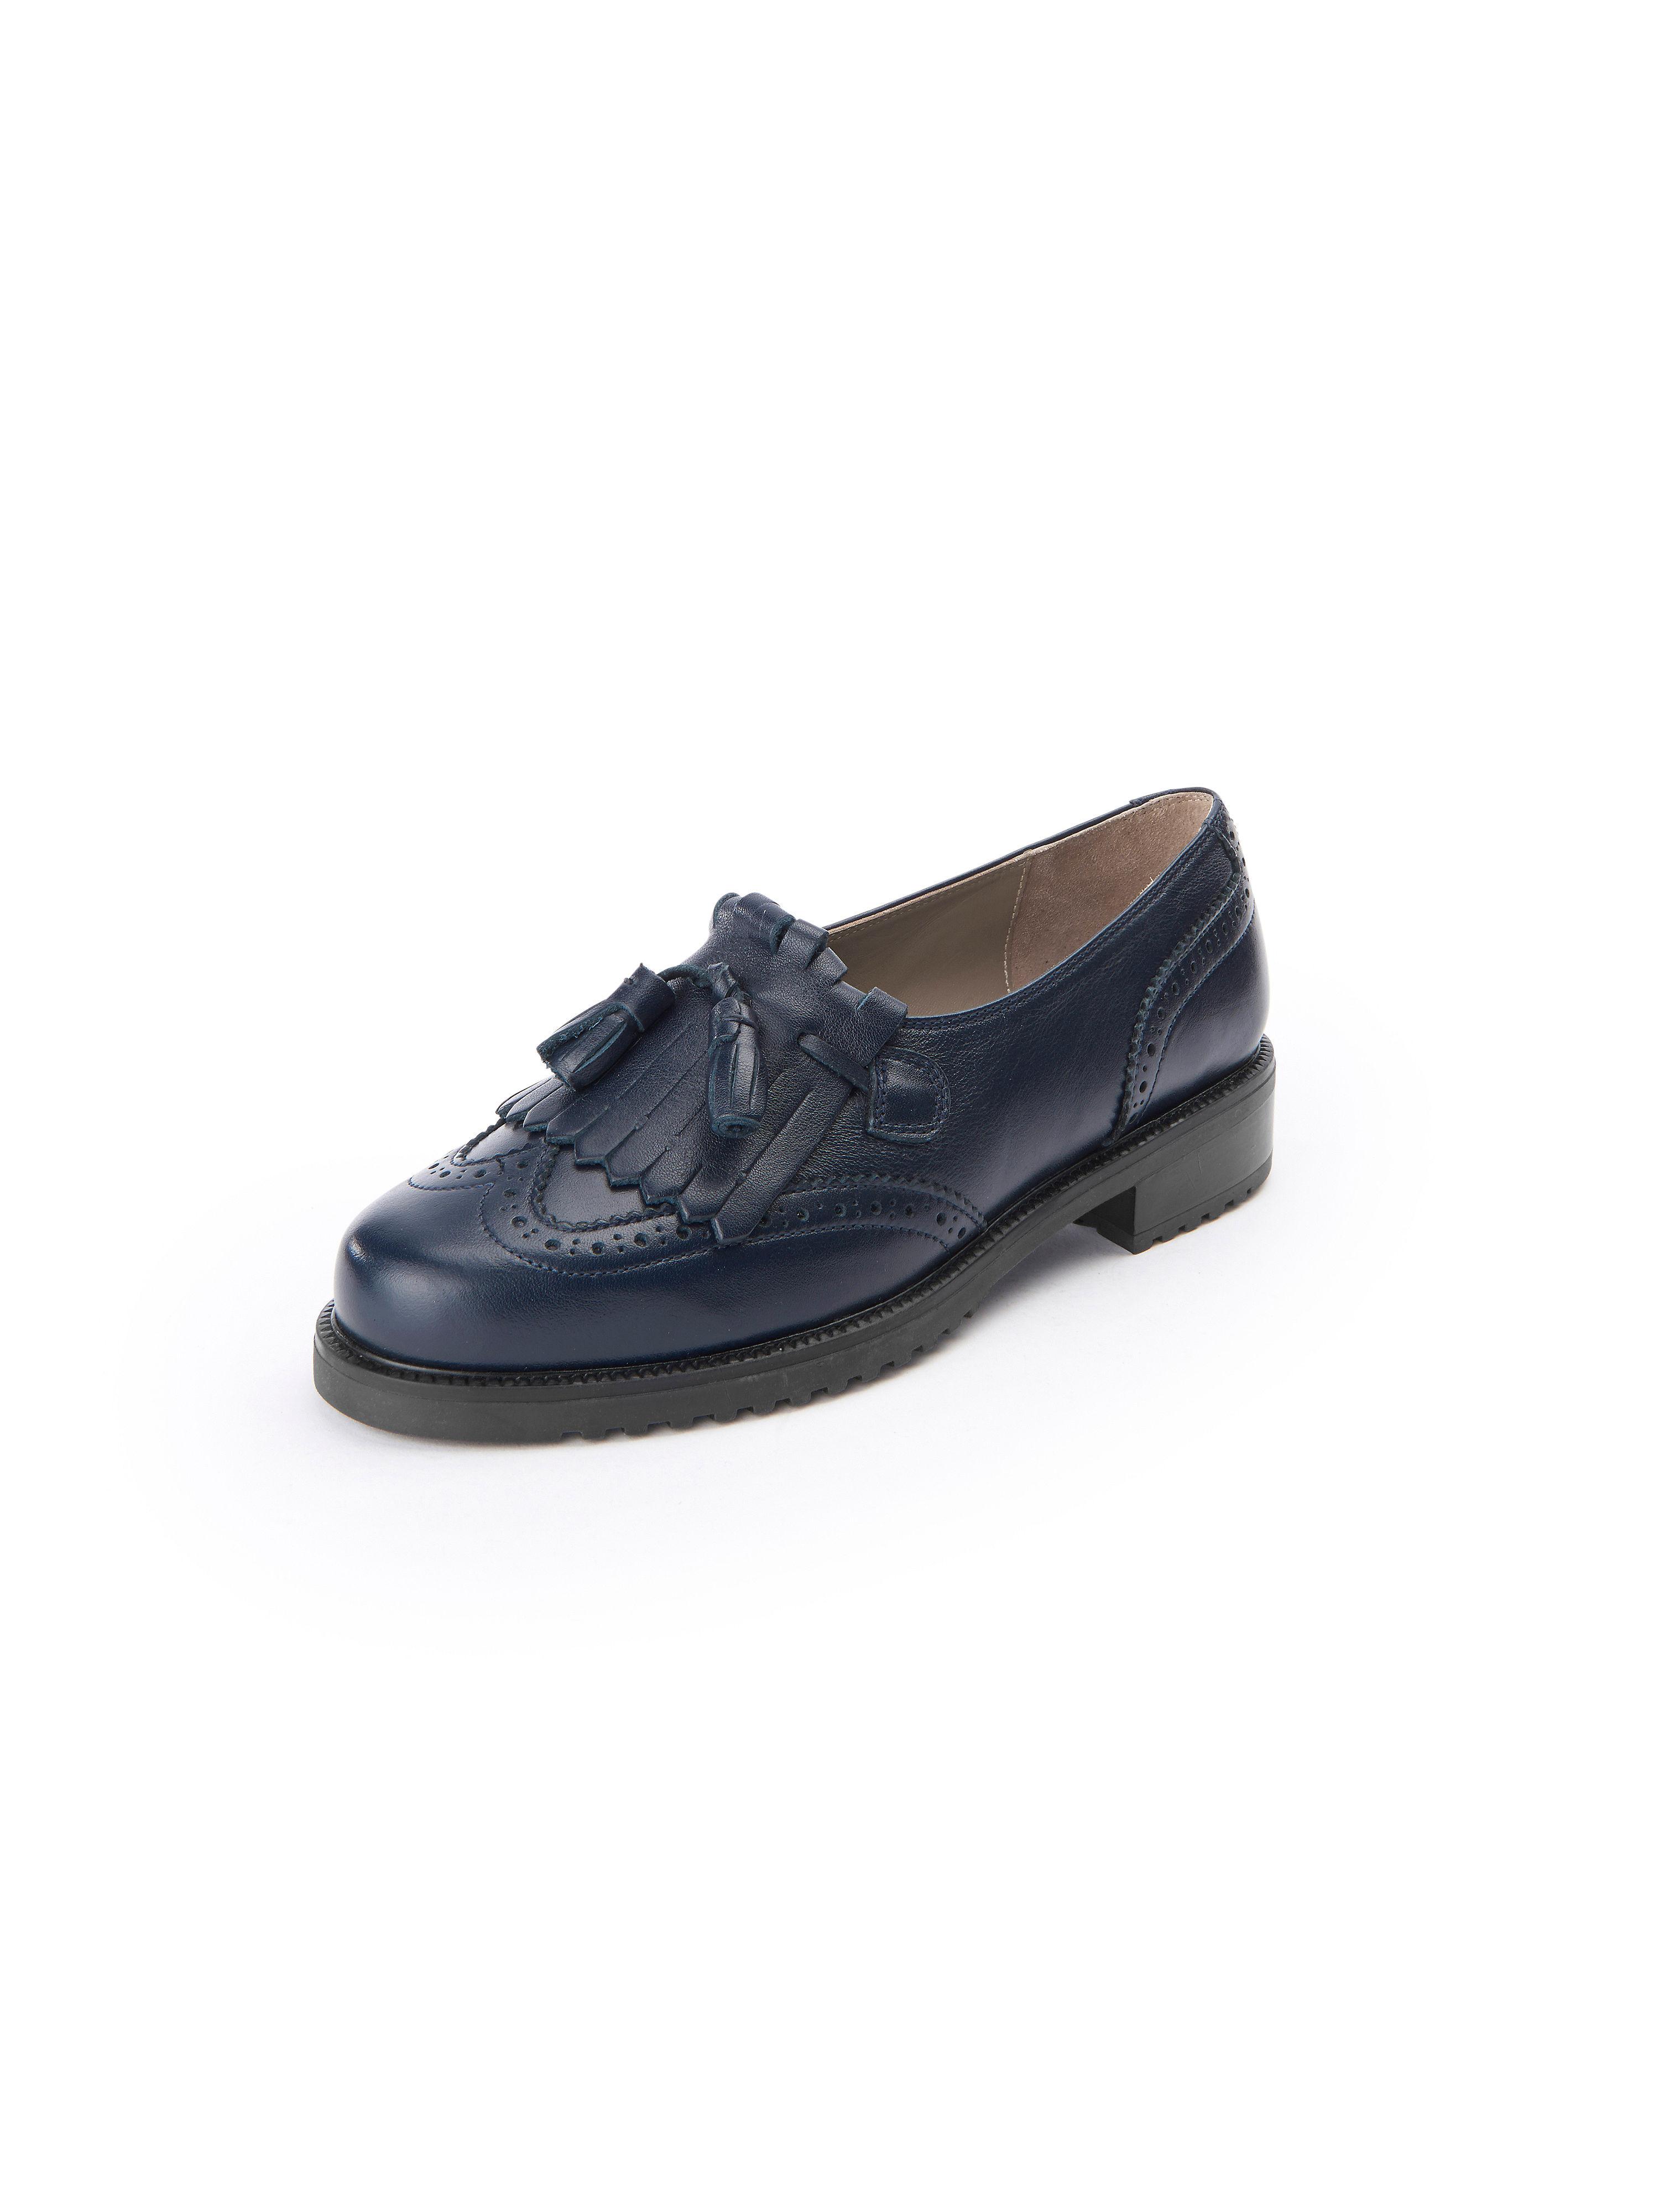 Les mocassins cuir nappa, modèle Ledoni Ledoni bleu taille 38